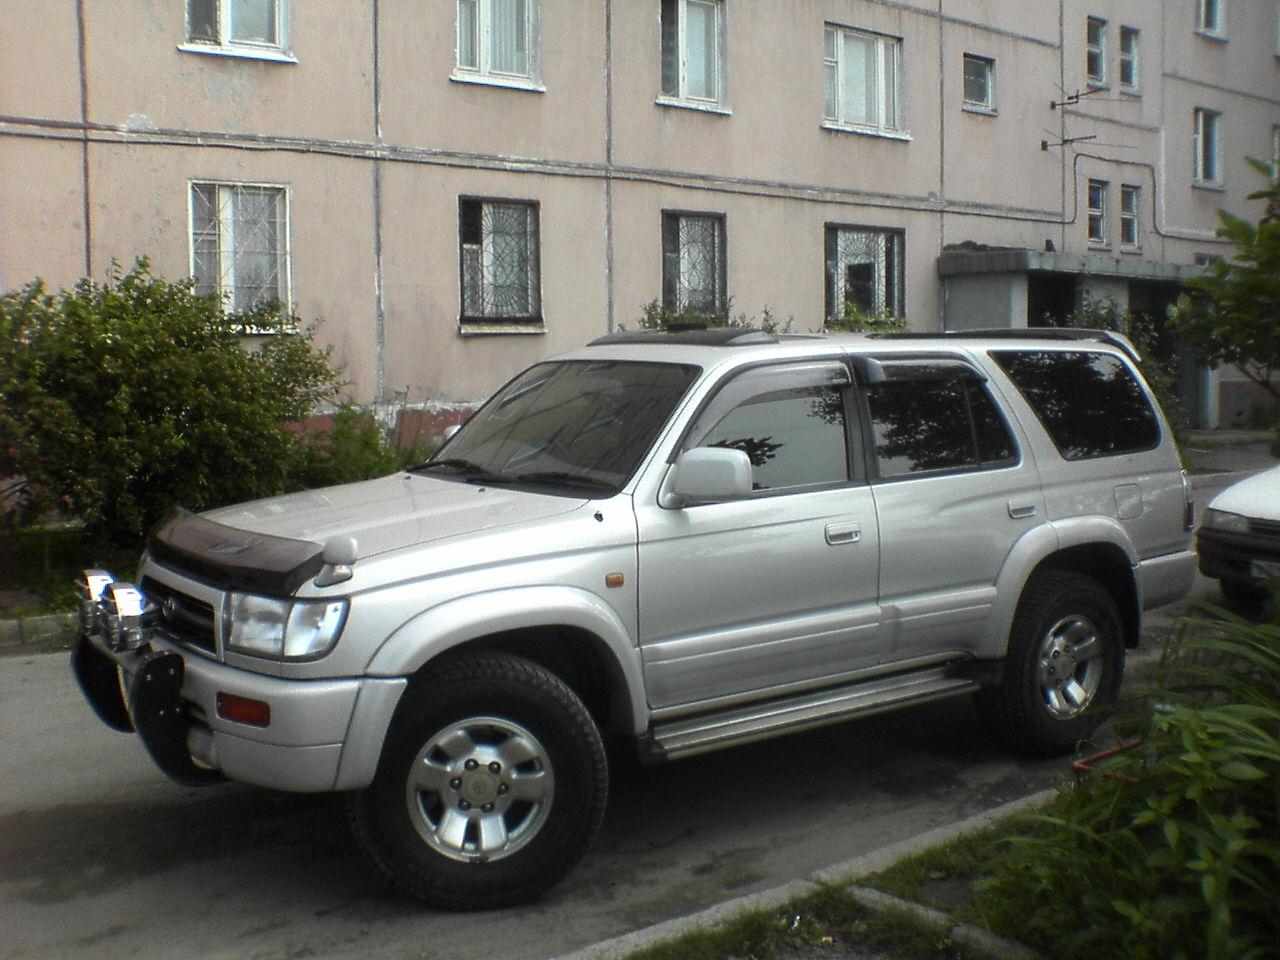 1997 Toyota Hilux Surf Specs  Engine Size 3000cm3  Fuel